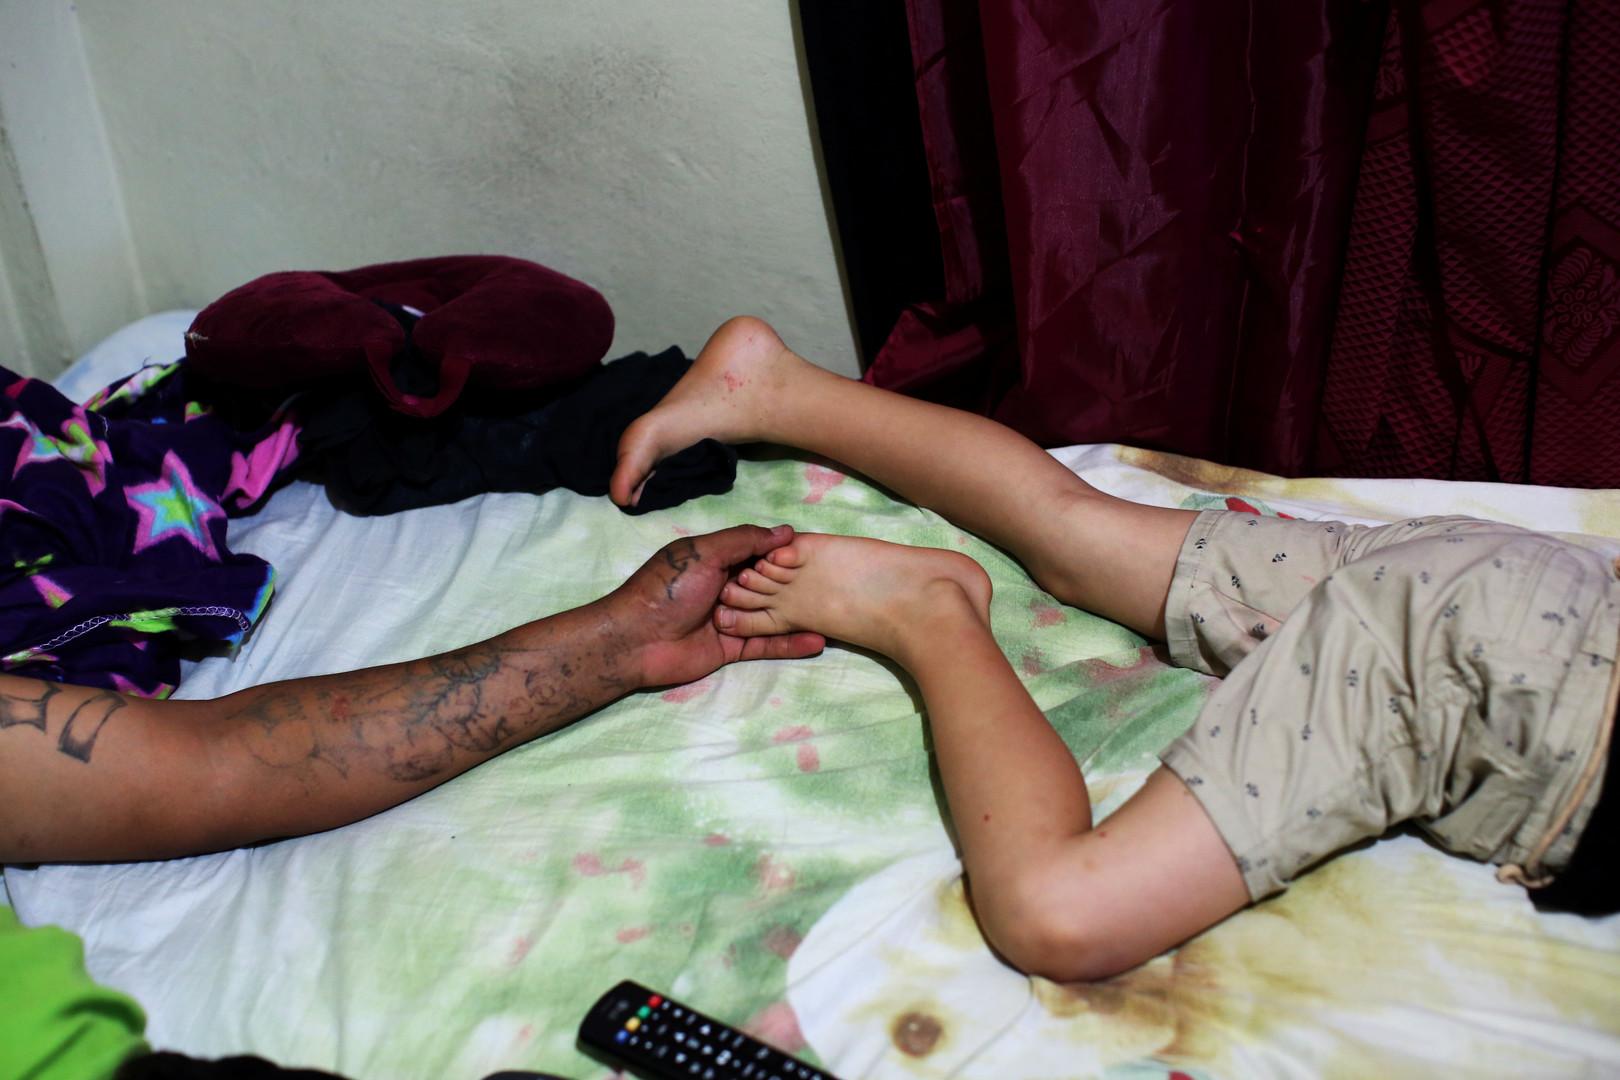 """Raul Valladares, Mitglied der """"Huellas de Esperanza"""" (Spuren der Hoffnung), mit seinem Sohn in San Salvador, El Salvador, 15. Dezember 2017."""